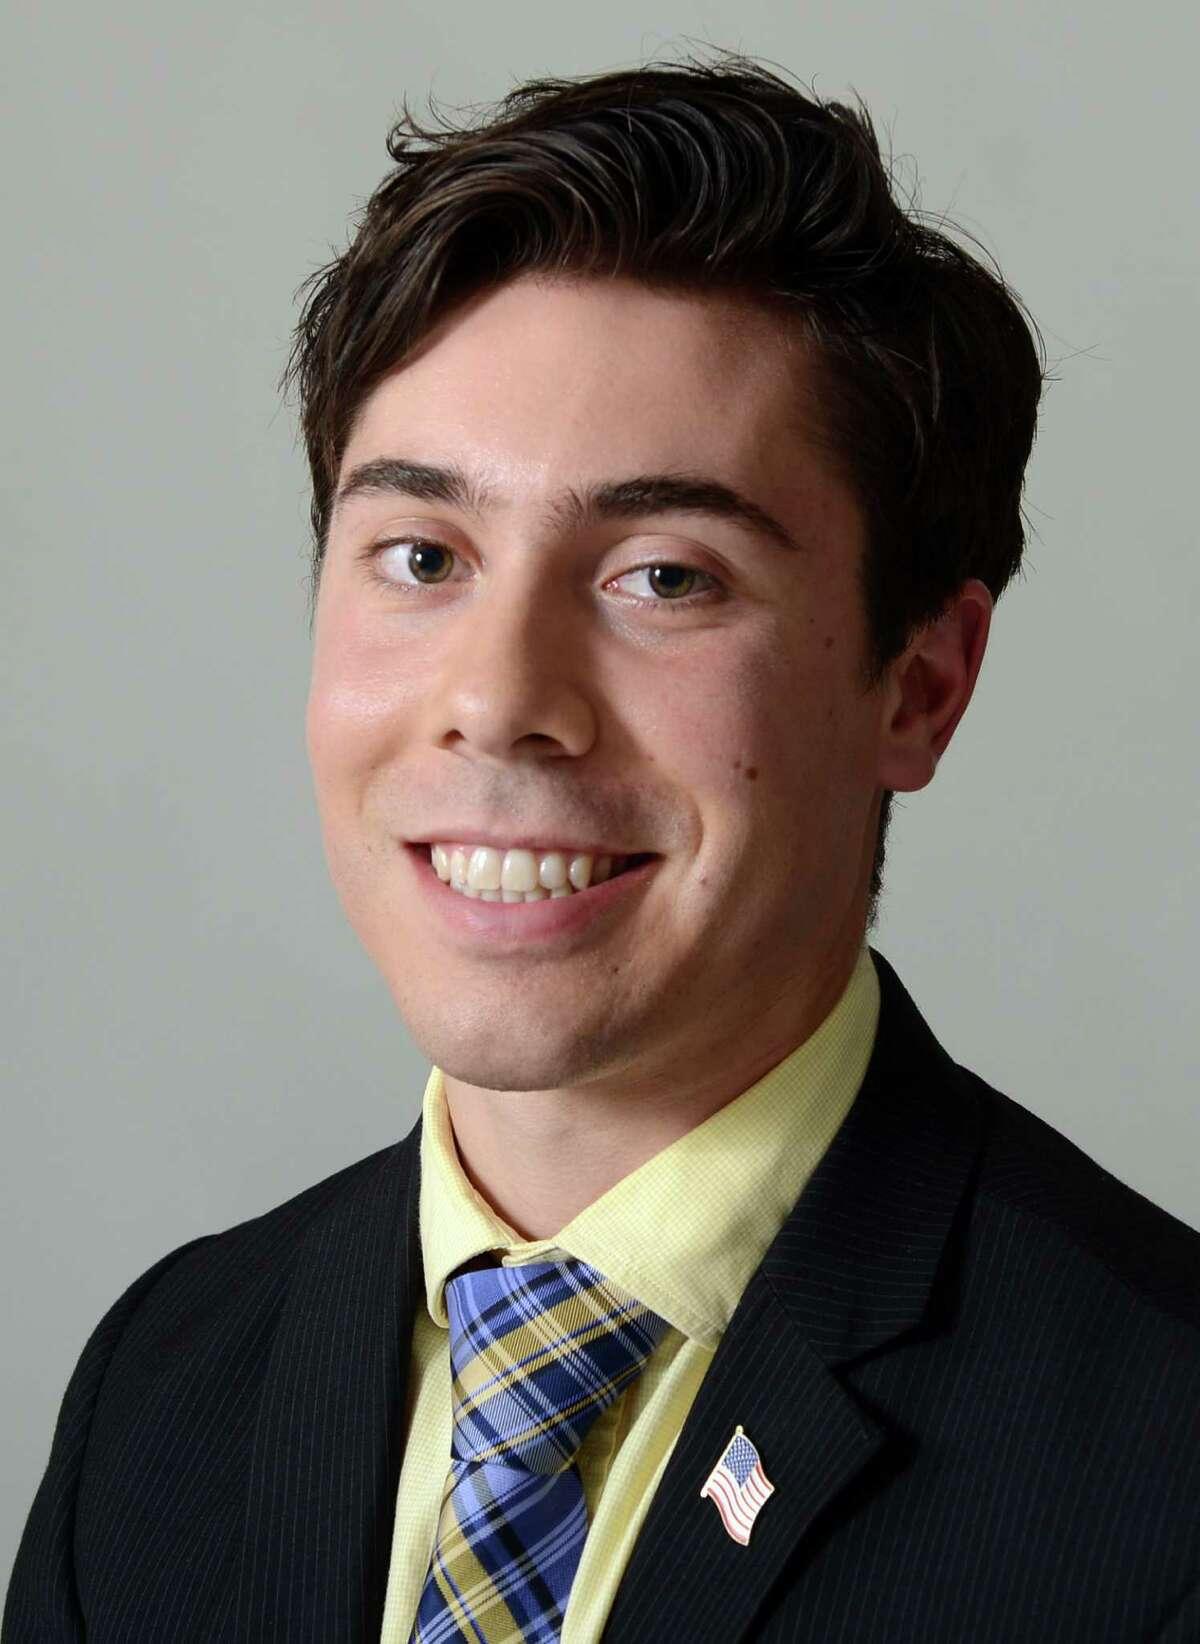 State Rep. David Arconti Jr.